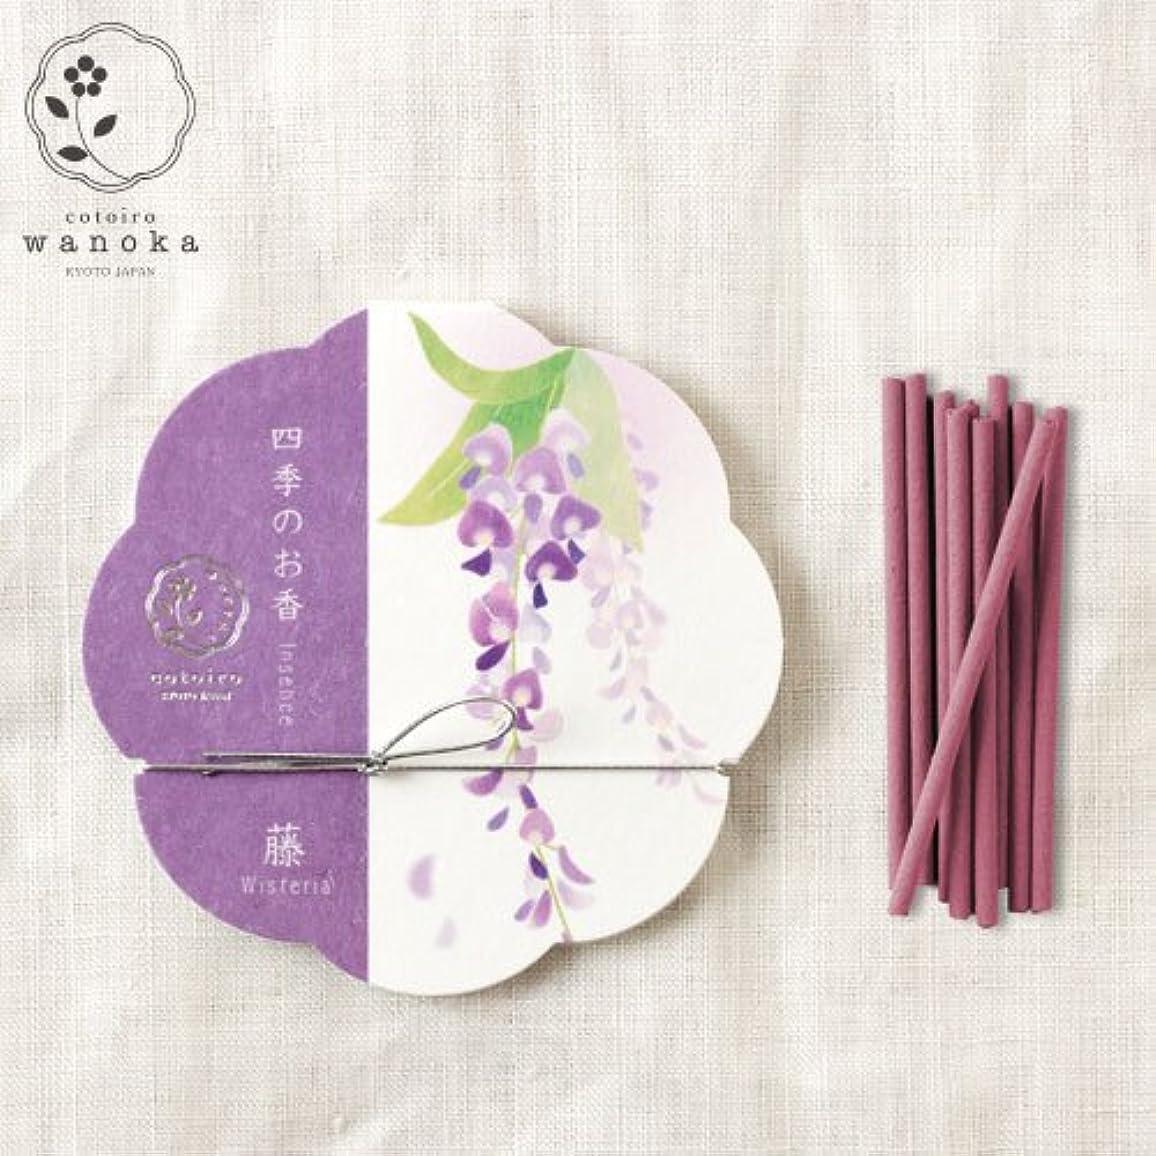 スープ所持野球wanoka四季のお香(インセンス)藤《藤をイメージした華やかな香り》ART LABIncense stick